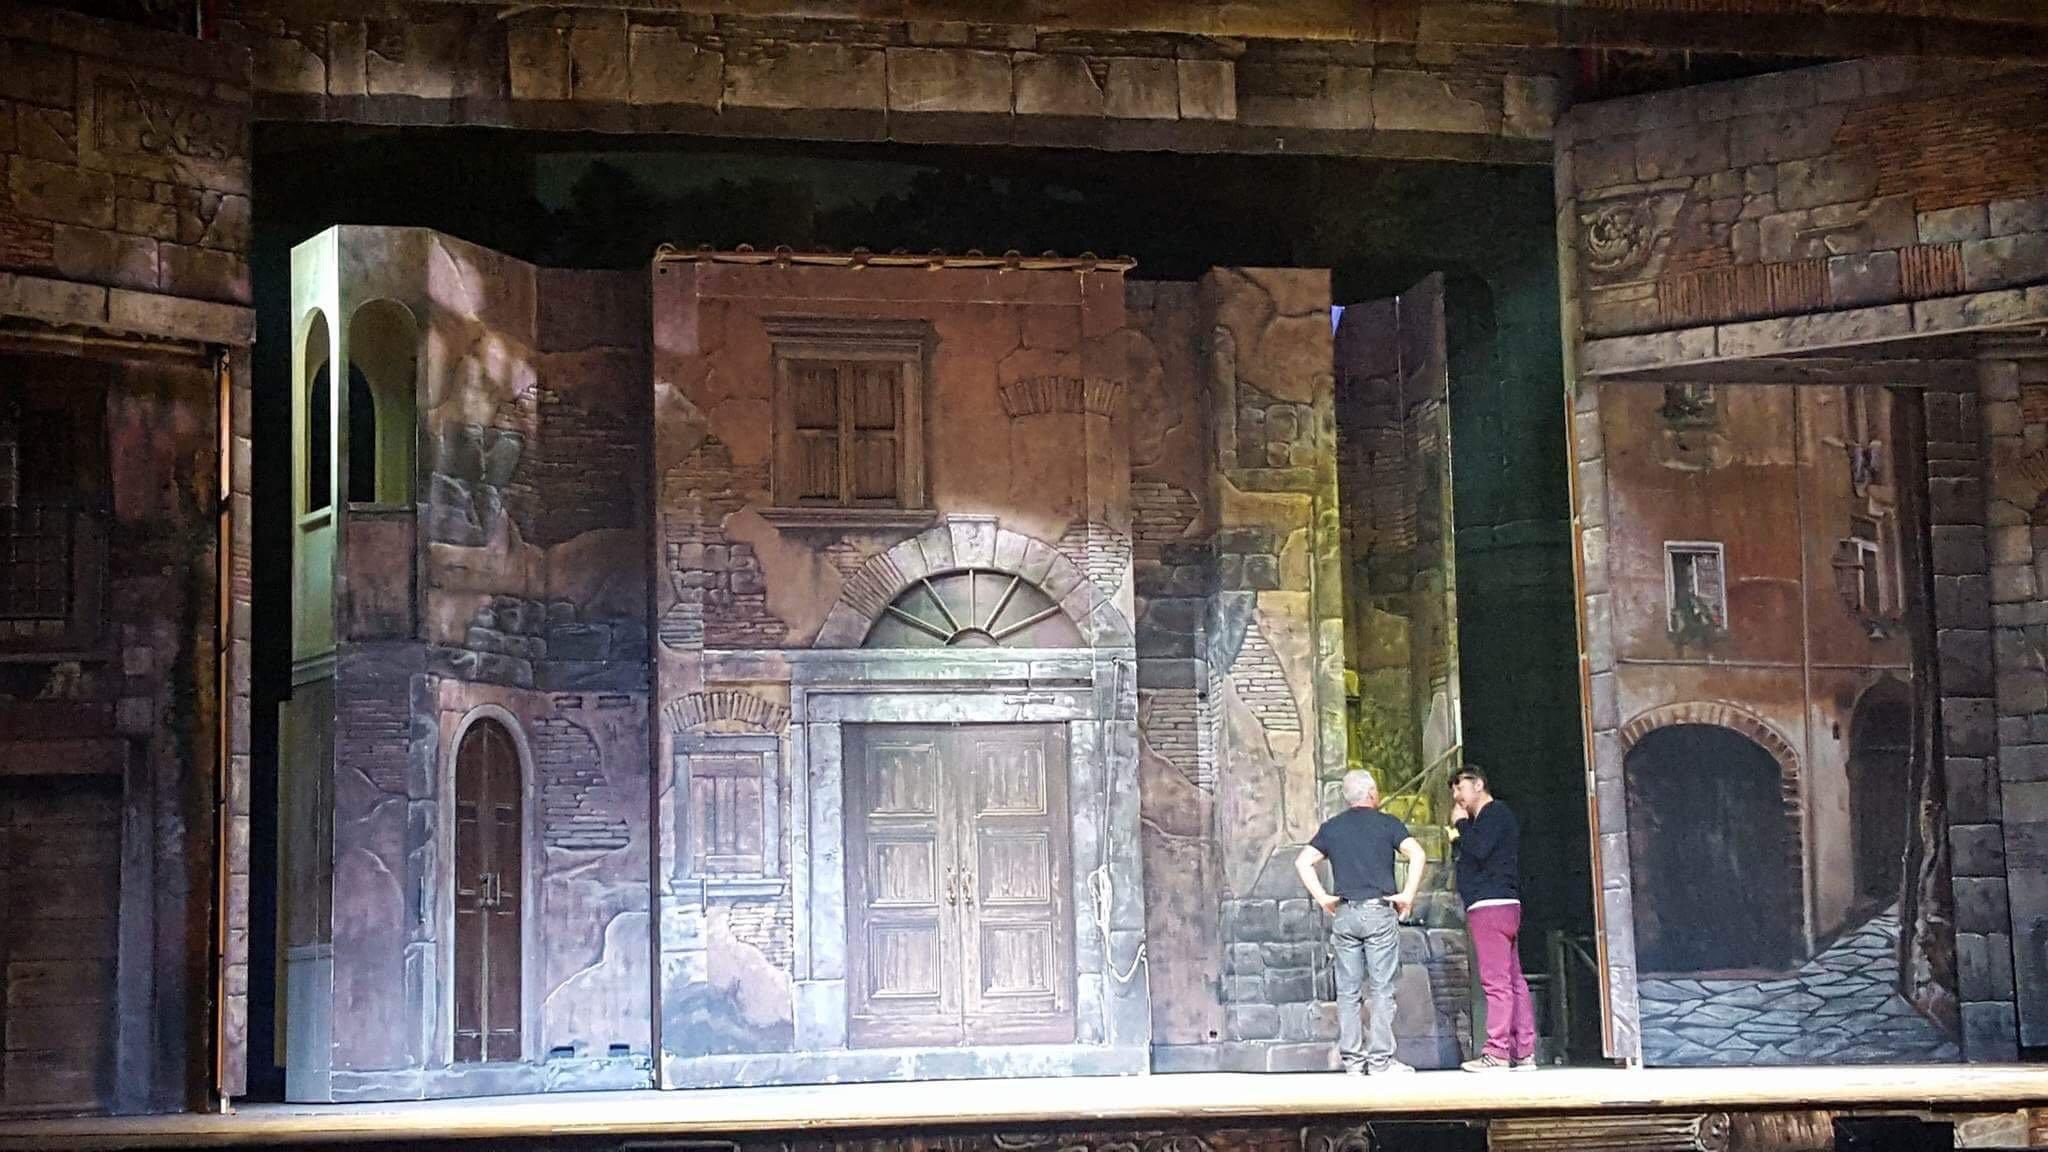 Allestimento scenografico per il teatro